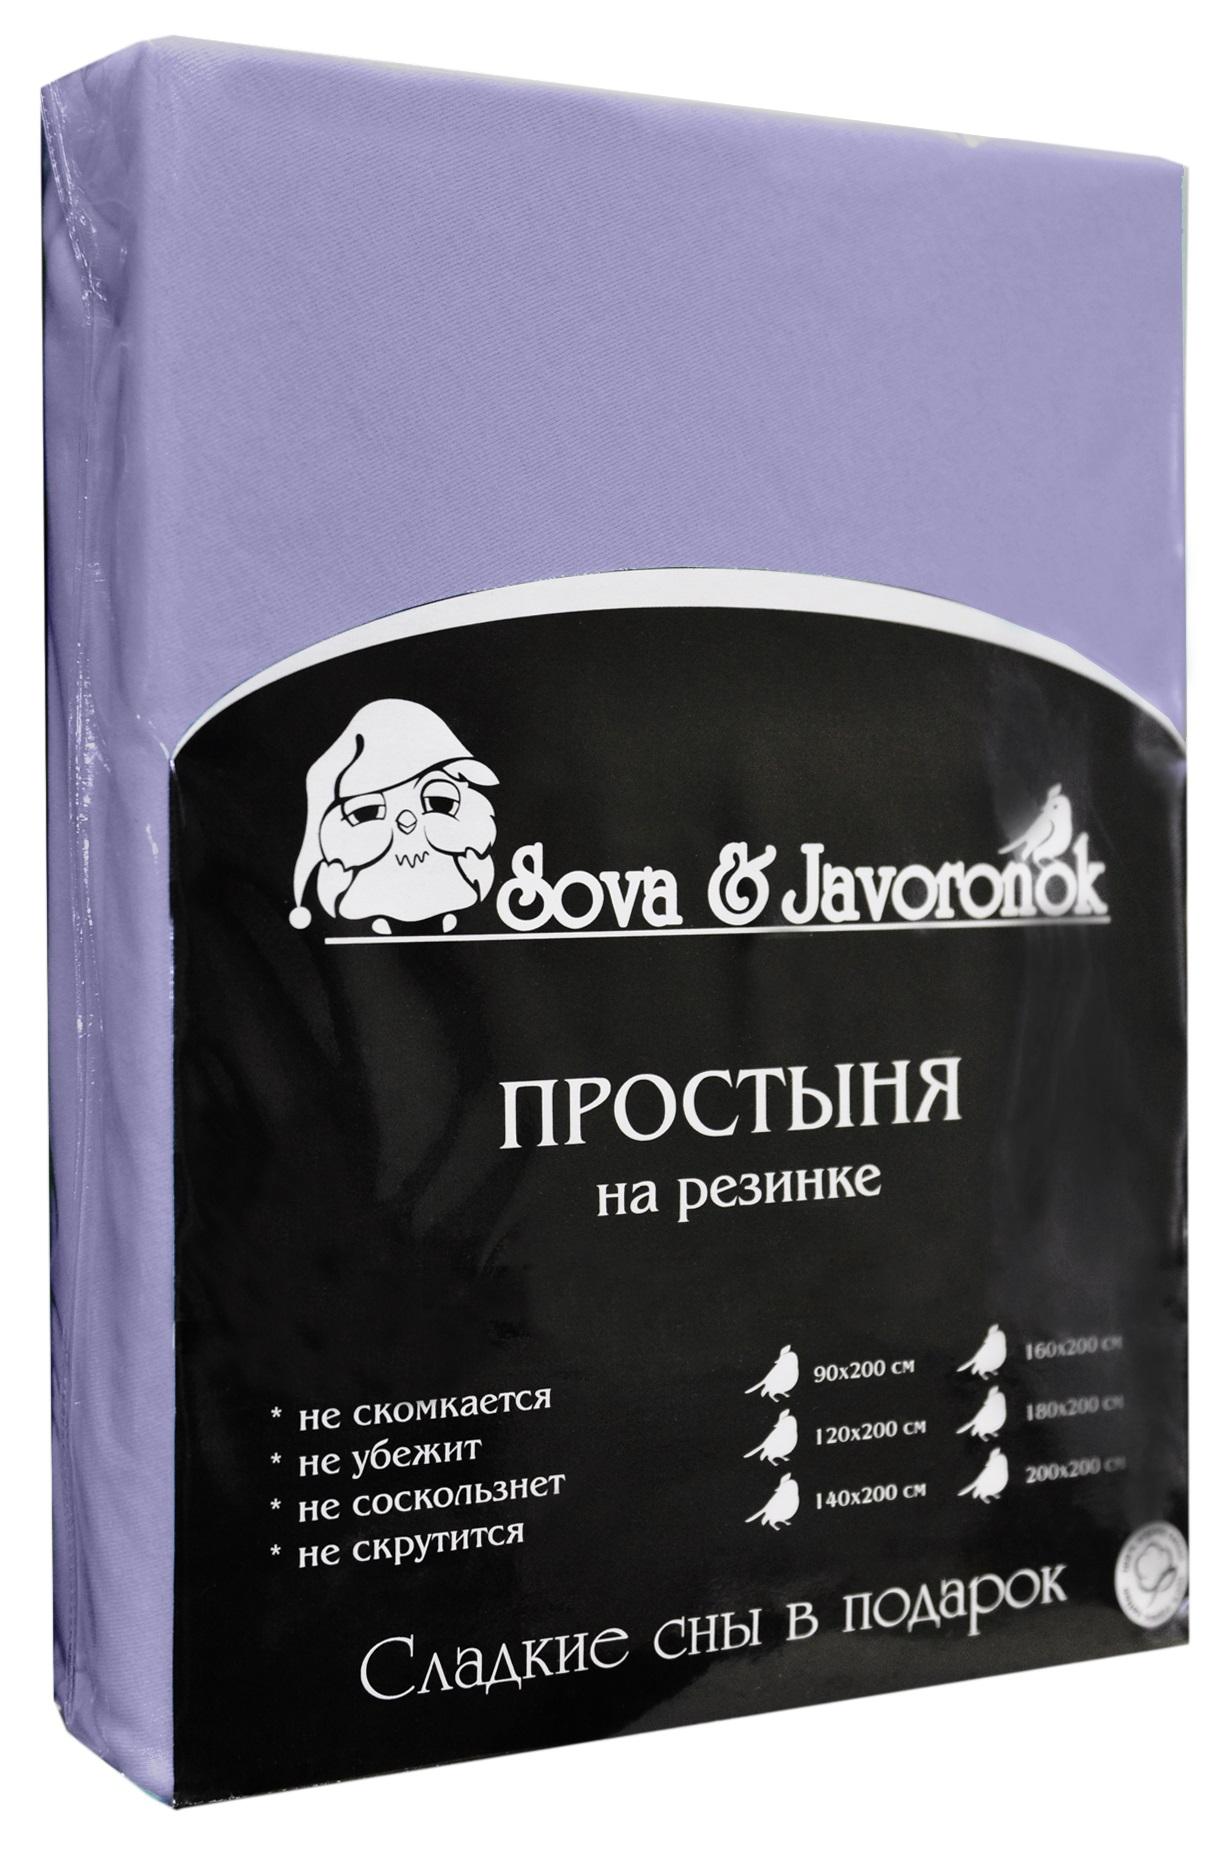 Простыня на резинке Sova & Javoronok, цвет: фиолетовый, 120 см х 200 см08030115588Простыня на резинке Sova & Javoronok, изготовленная из трикотажной ткани (100% хлопок), будет превосходно смотреться с любыми комплектами белья. Хлопчатобумажный трикотаж по праву считается одним из самых качественных, прочных и при этом приятных на ощупь. Его гигиеничность позволяет использовать простыню и в детских комнатах, к тому же 100%-ый хлопок в составе ткани не вызовет аллергии. У трикотажного полотна очень интересная структура, немного рыхлая за счет отсутствия плотного переплетения нитей и наличия особых петель, благодаря этому простыня Сова и Жаворонок отлично пропускает воздух и способствует его постоянной циркуляции. Поэтому ваша постель будет всегда оставаться свежей. Но главное и, пожалуй, самое известное свойство трикотажа - это его великолепная растяжимость, поэтому эта ткань и была выбрана для натяжной простыни на резинке. Простыня прошита резинкой по всему периметру, что обеспечивает более комфортный отдых, так как она прочно удерживается на матрасе и...